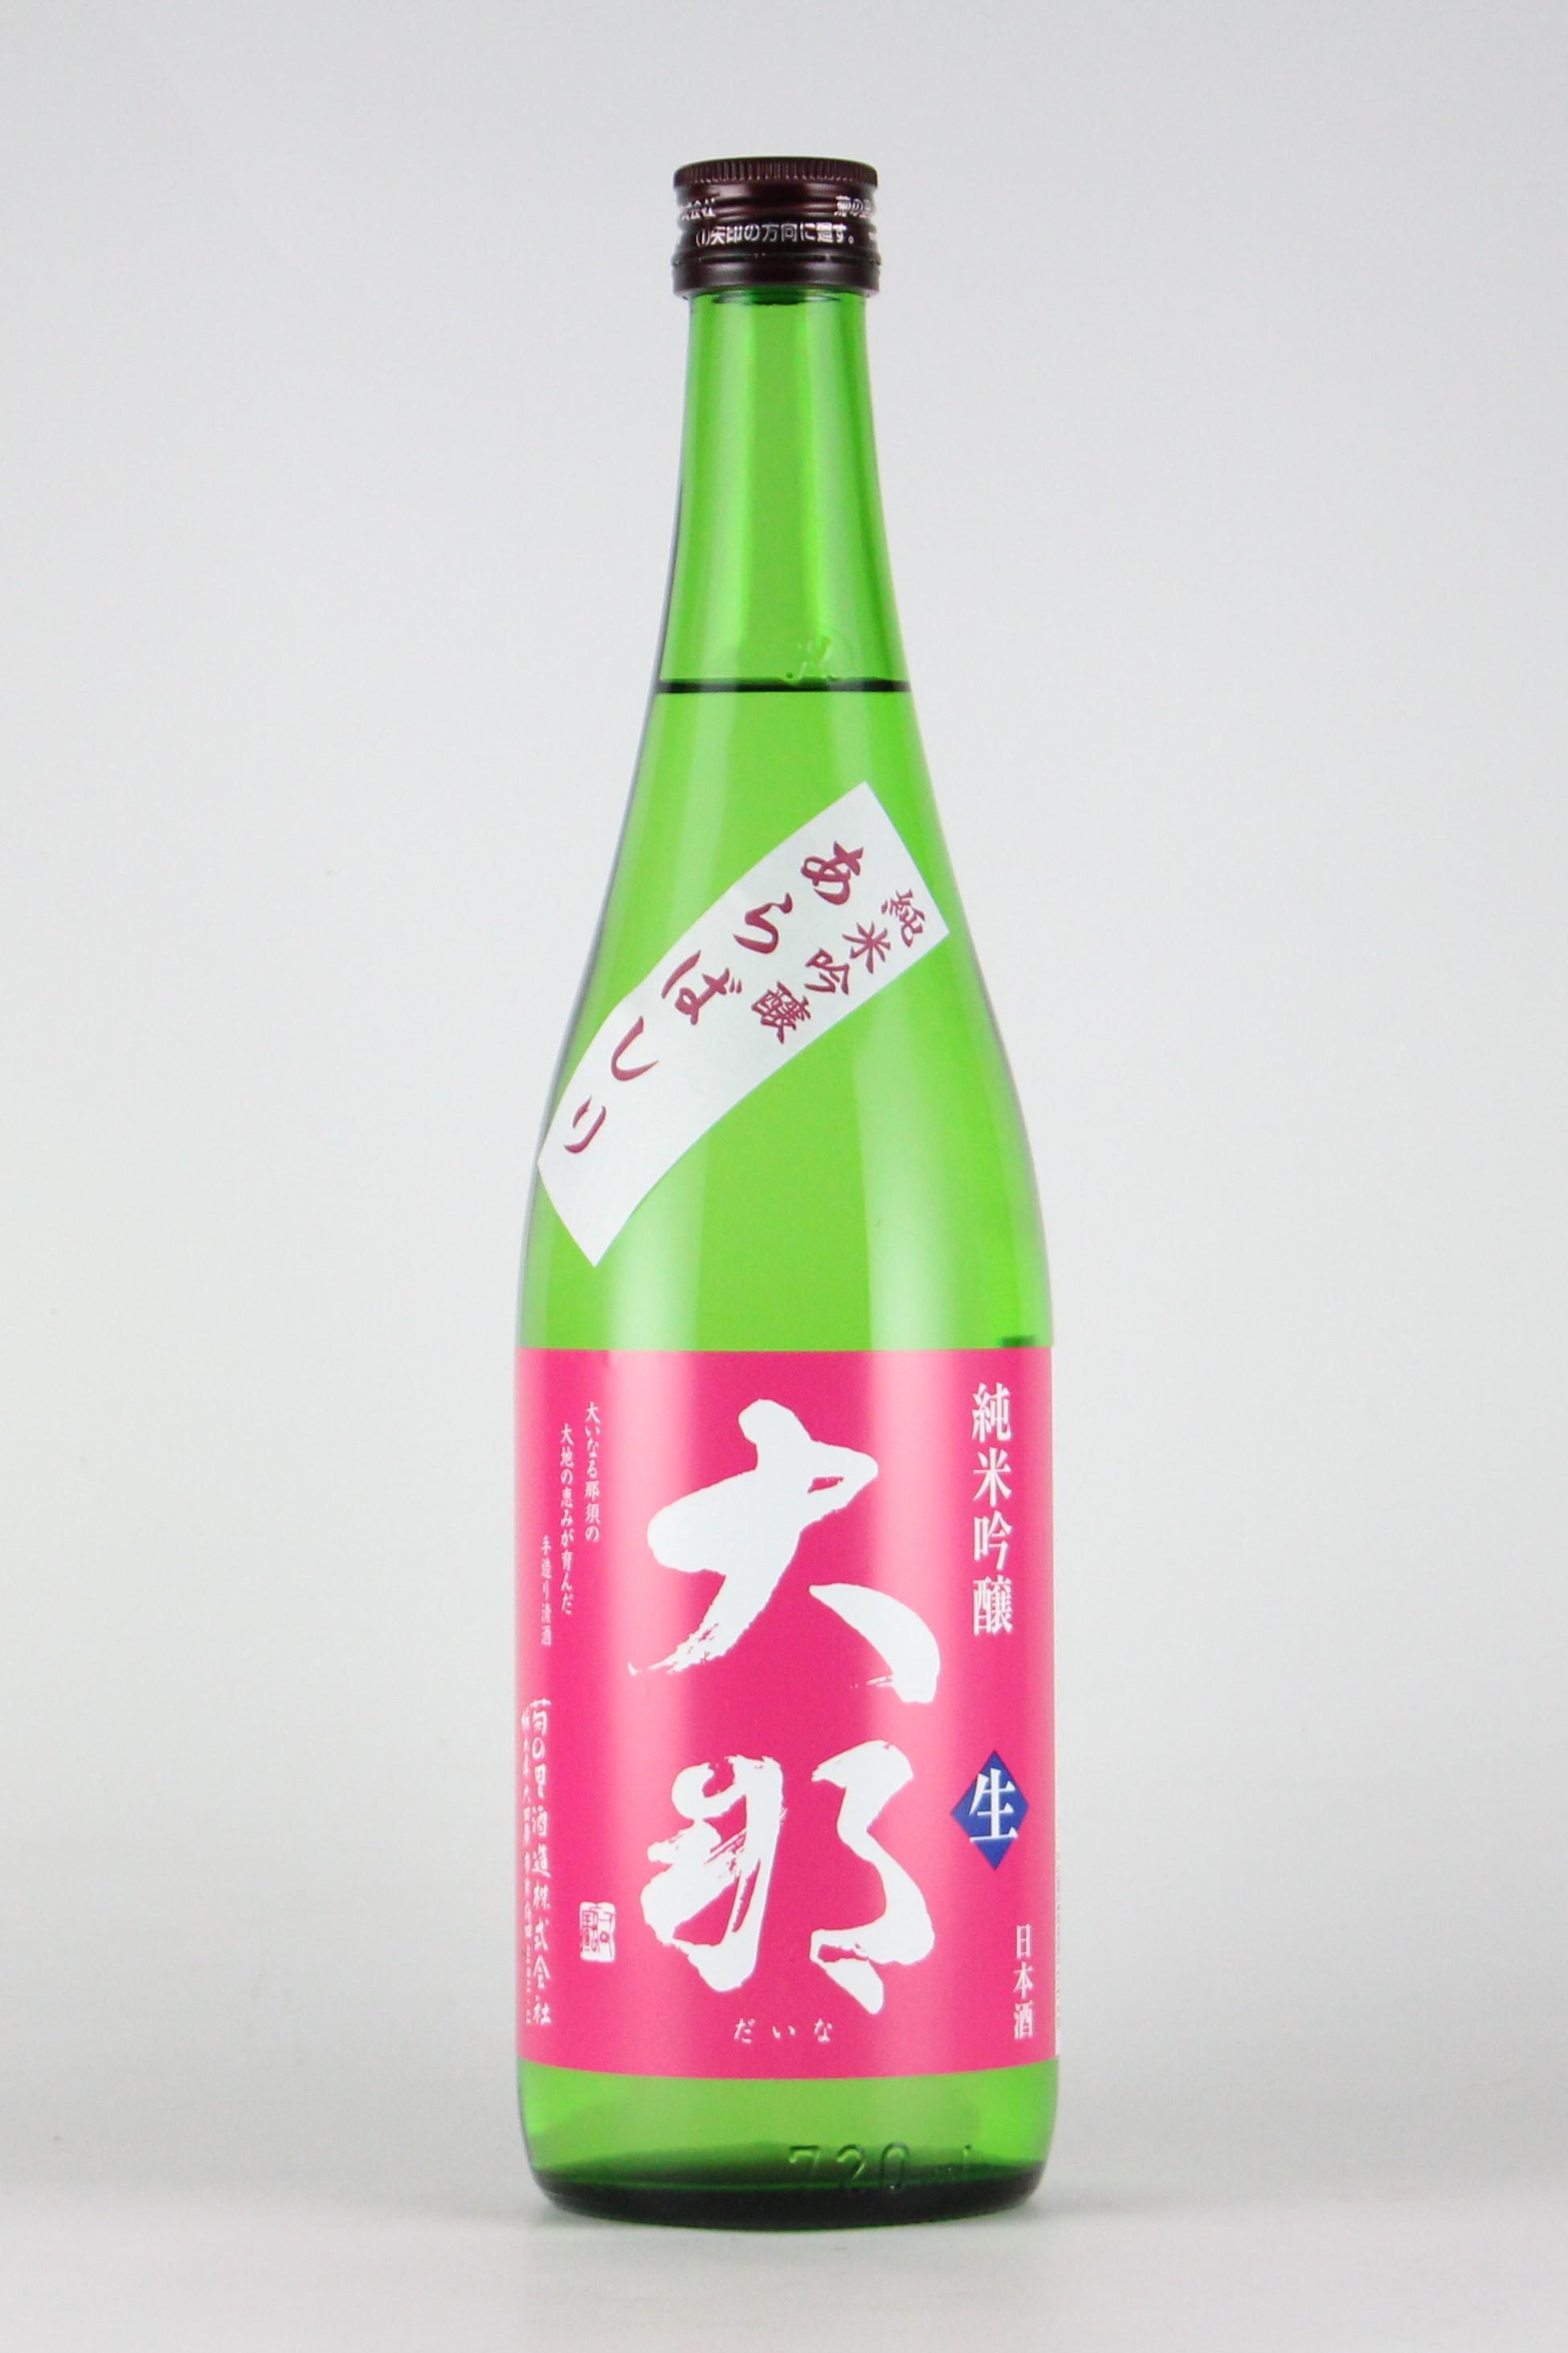 大那 あらばしり 純米吟醸無濾過生原酒 那須五百万石 720ml 【栃木/菊の里酒造】